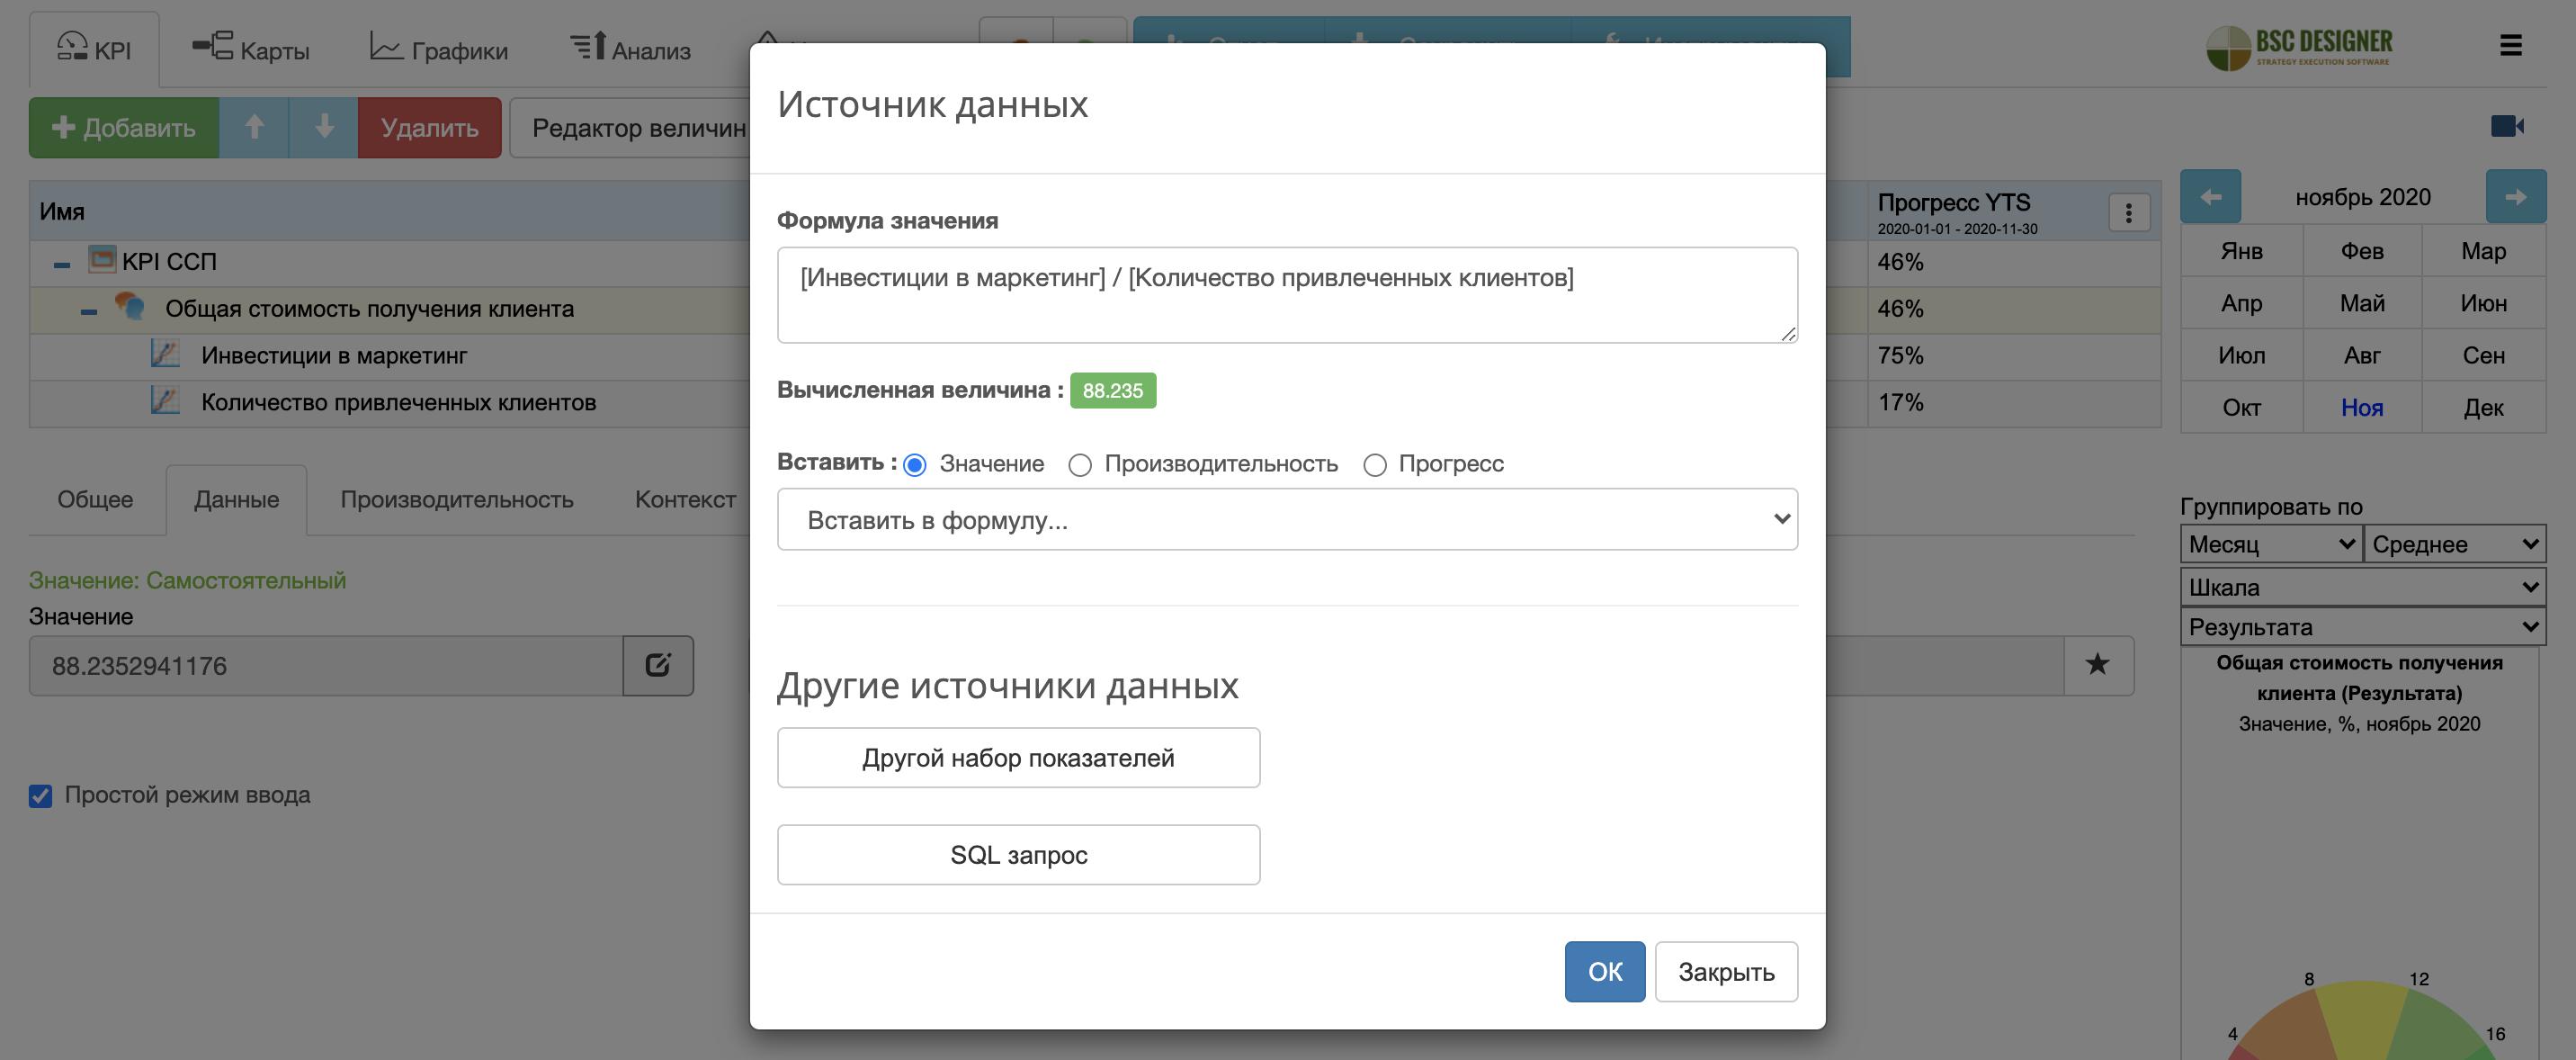 Расчет показателя в BSC Designer Online